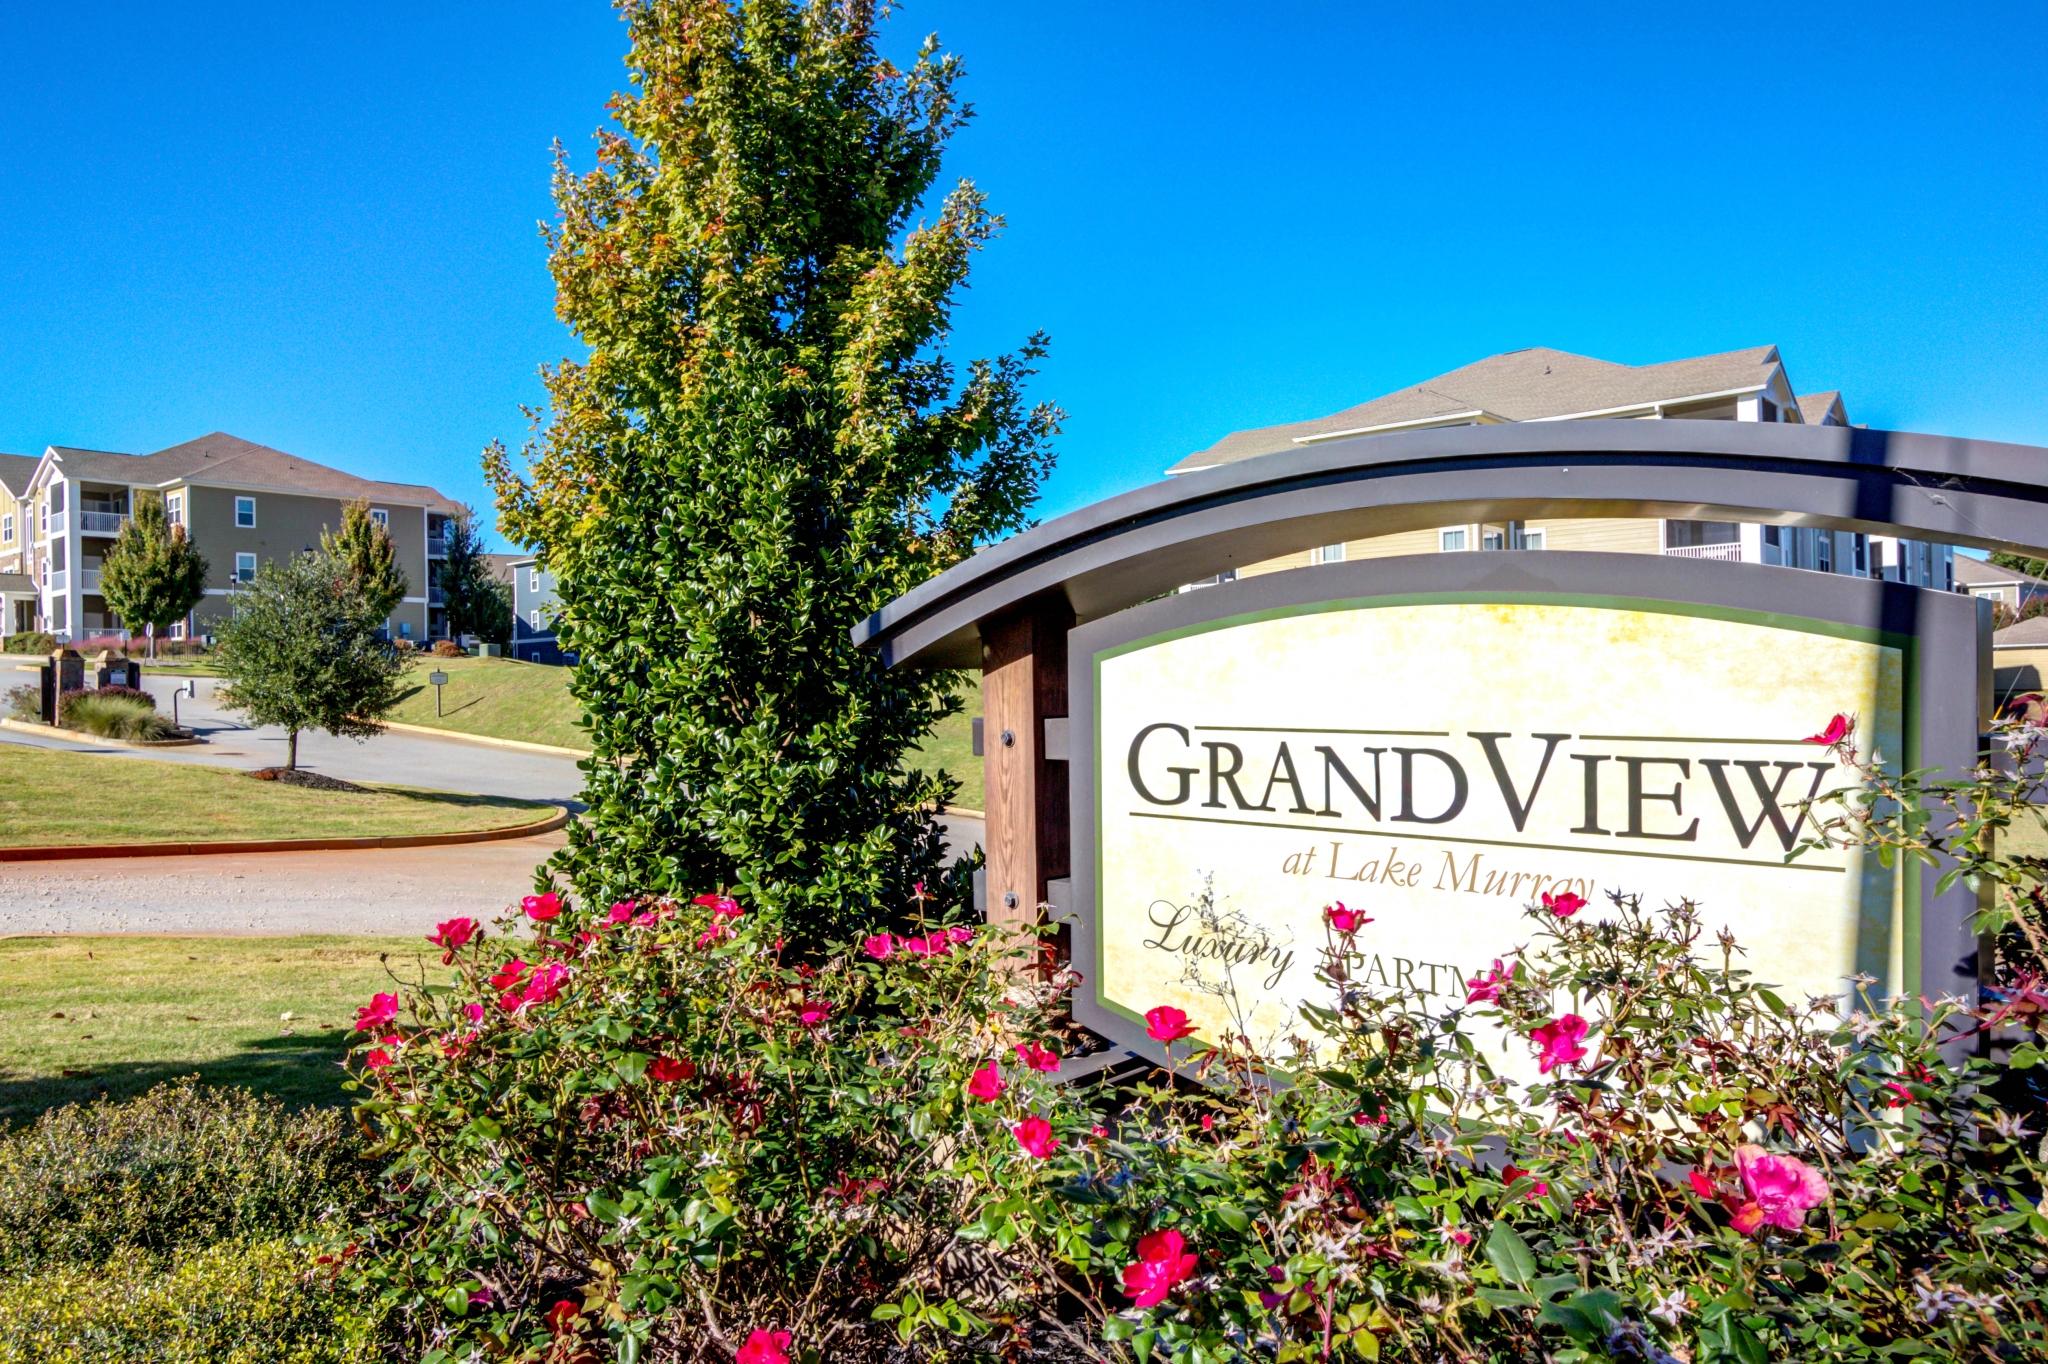 Grandview_5